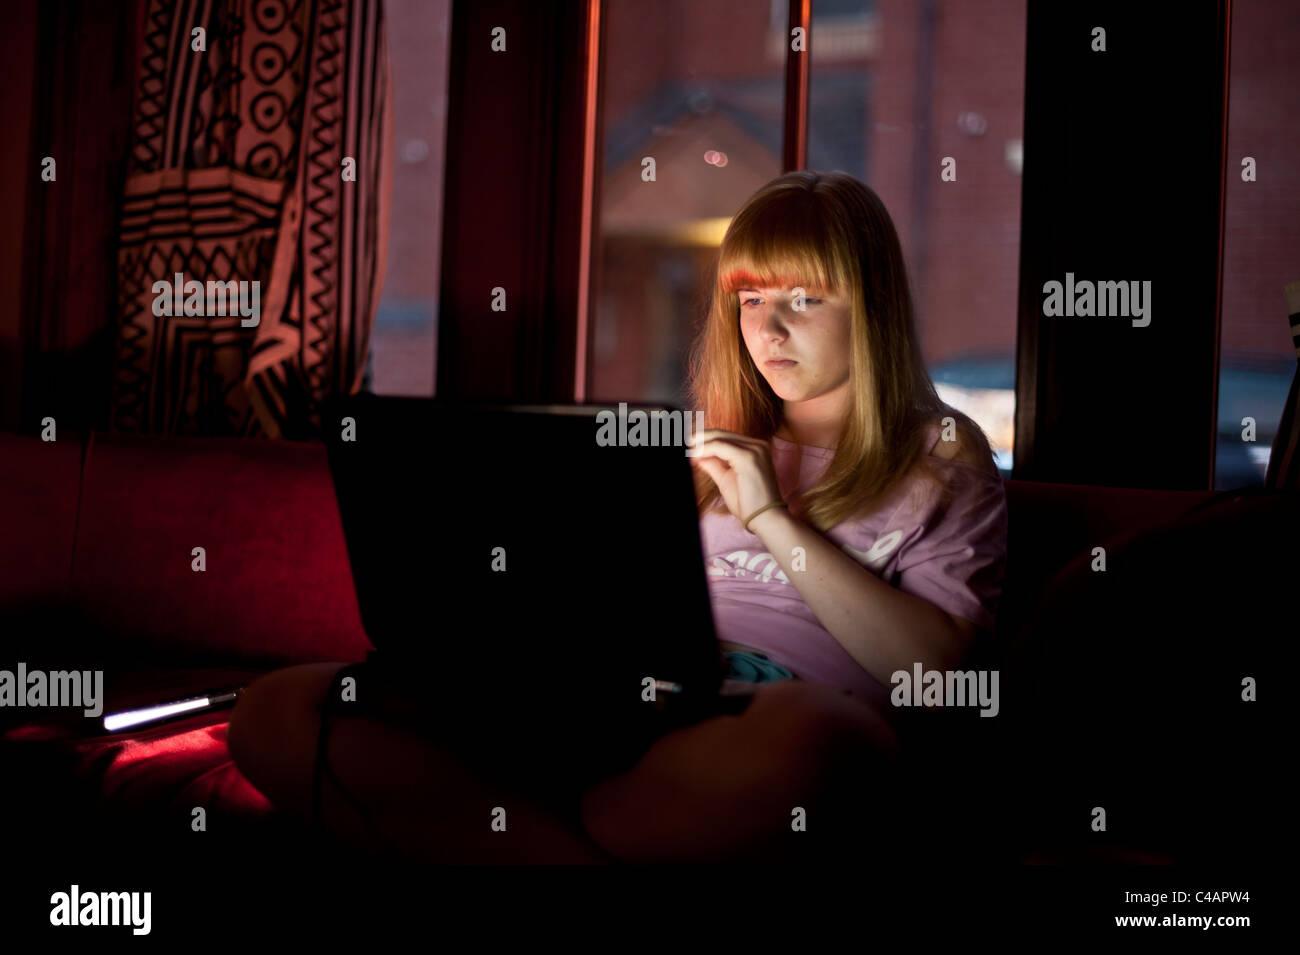 Una ragazza adolescente controllo email Facebook social networking sul suo computer portatile a casa la sera regno Immagini Stock